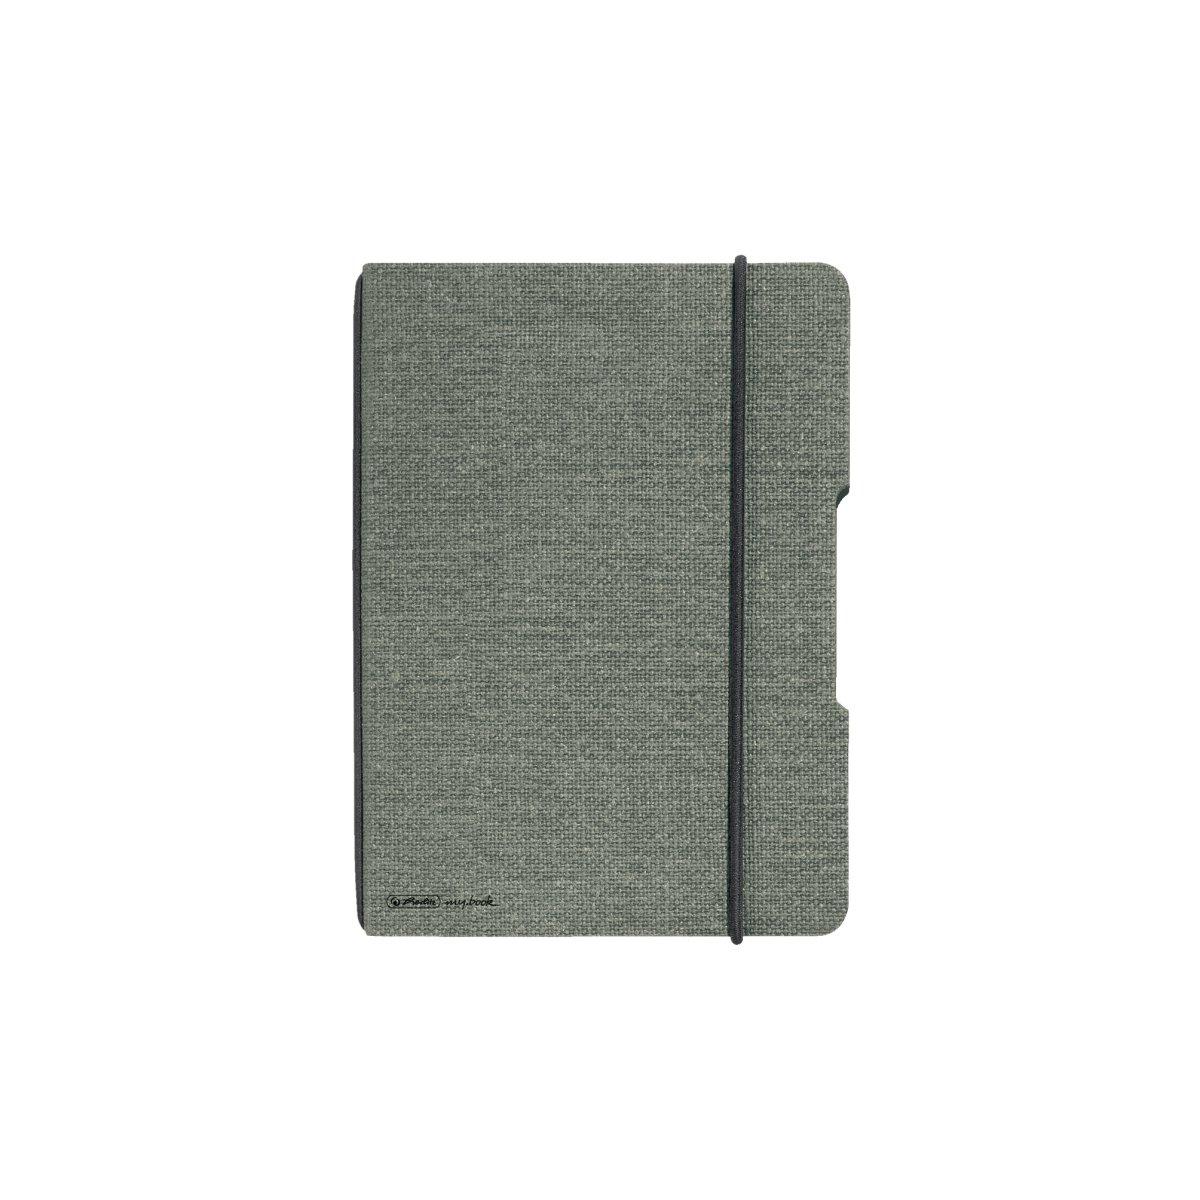 Vorschau: Herlitz 50033720 - Einfarbig - Grau - A6 - 40 Blätter - Erwachsener